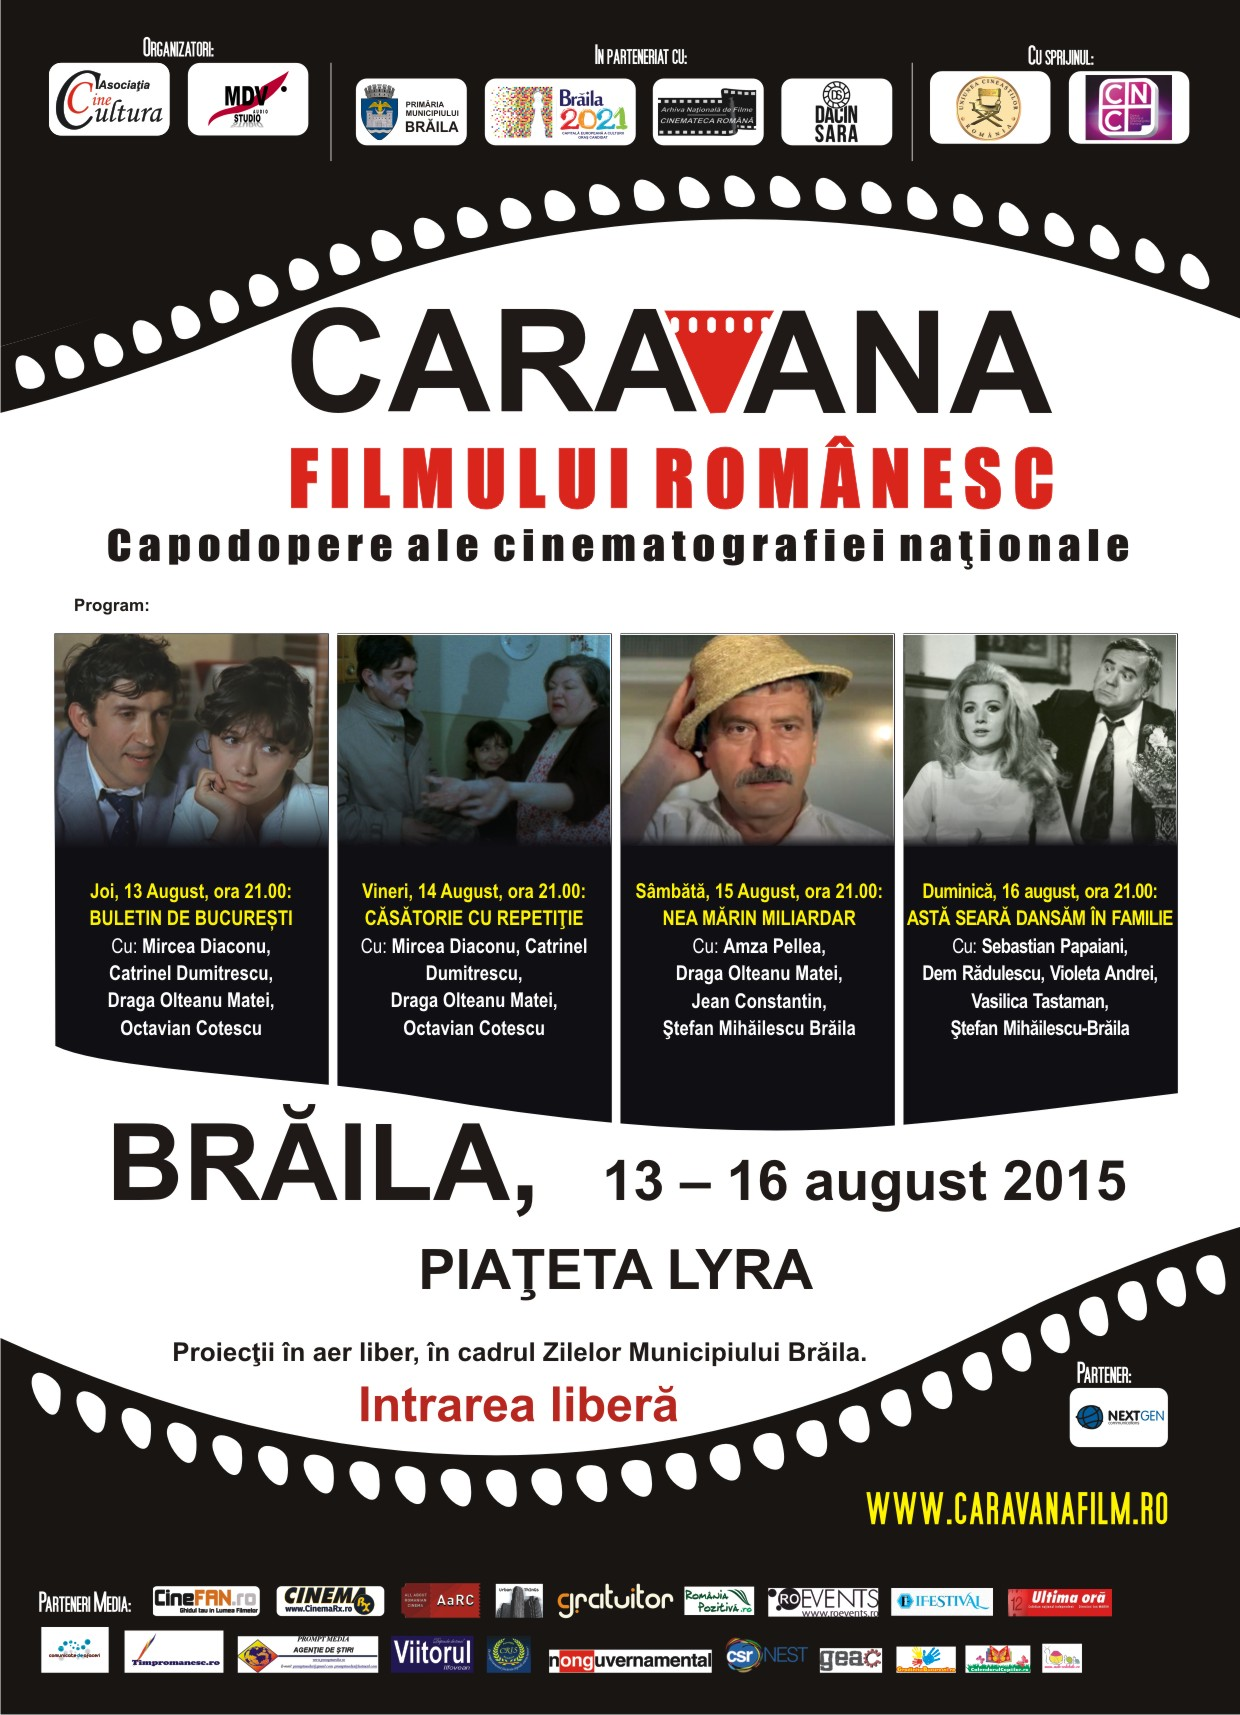 Programul Caravanei filmului românesc la Brăila